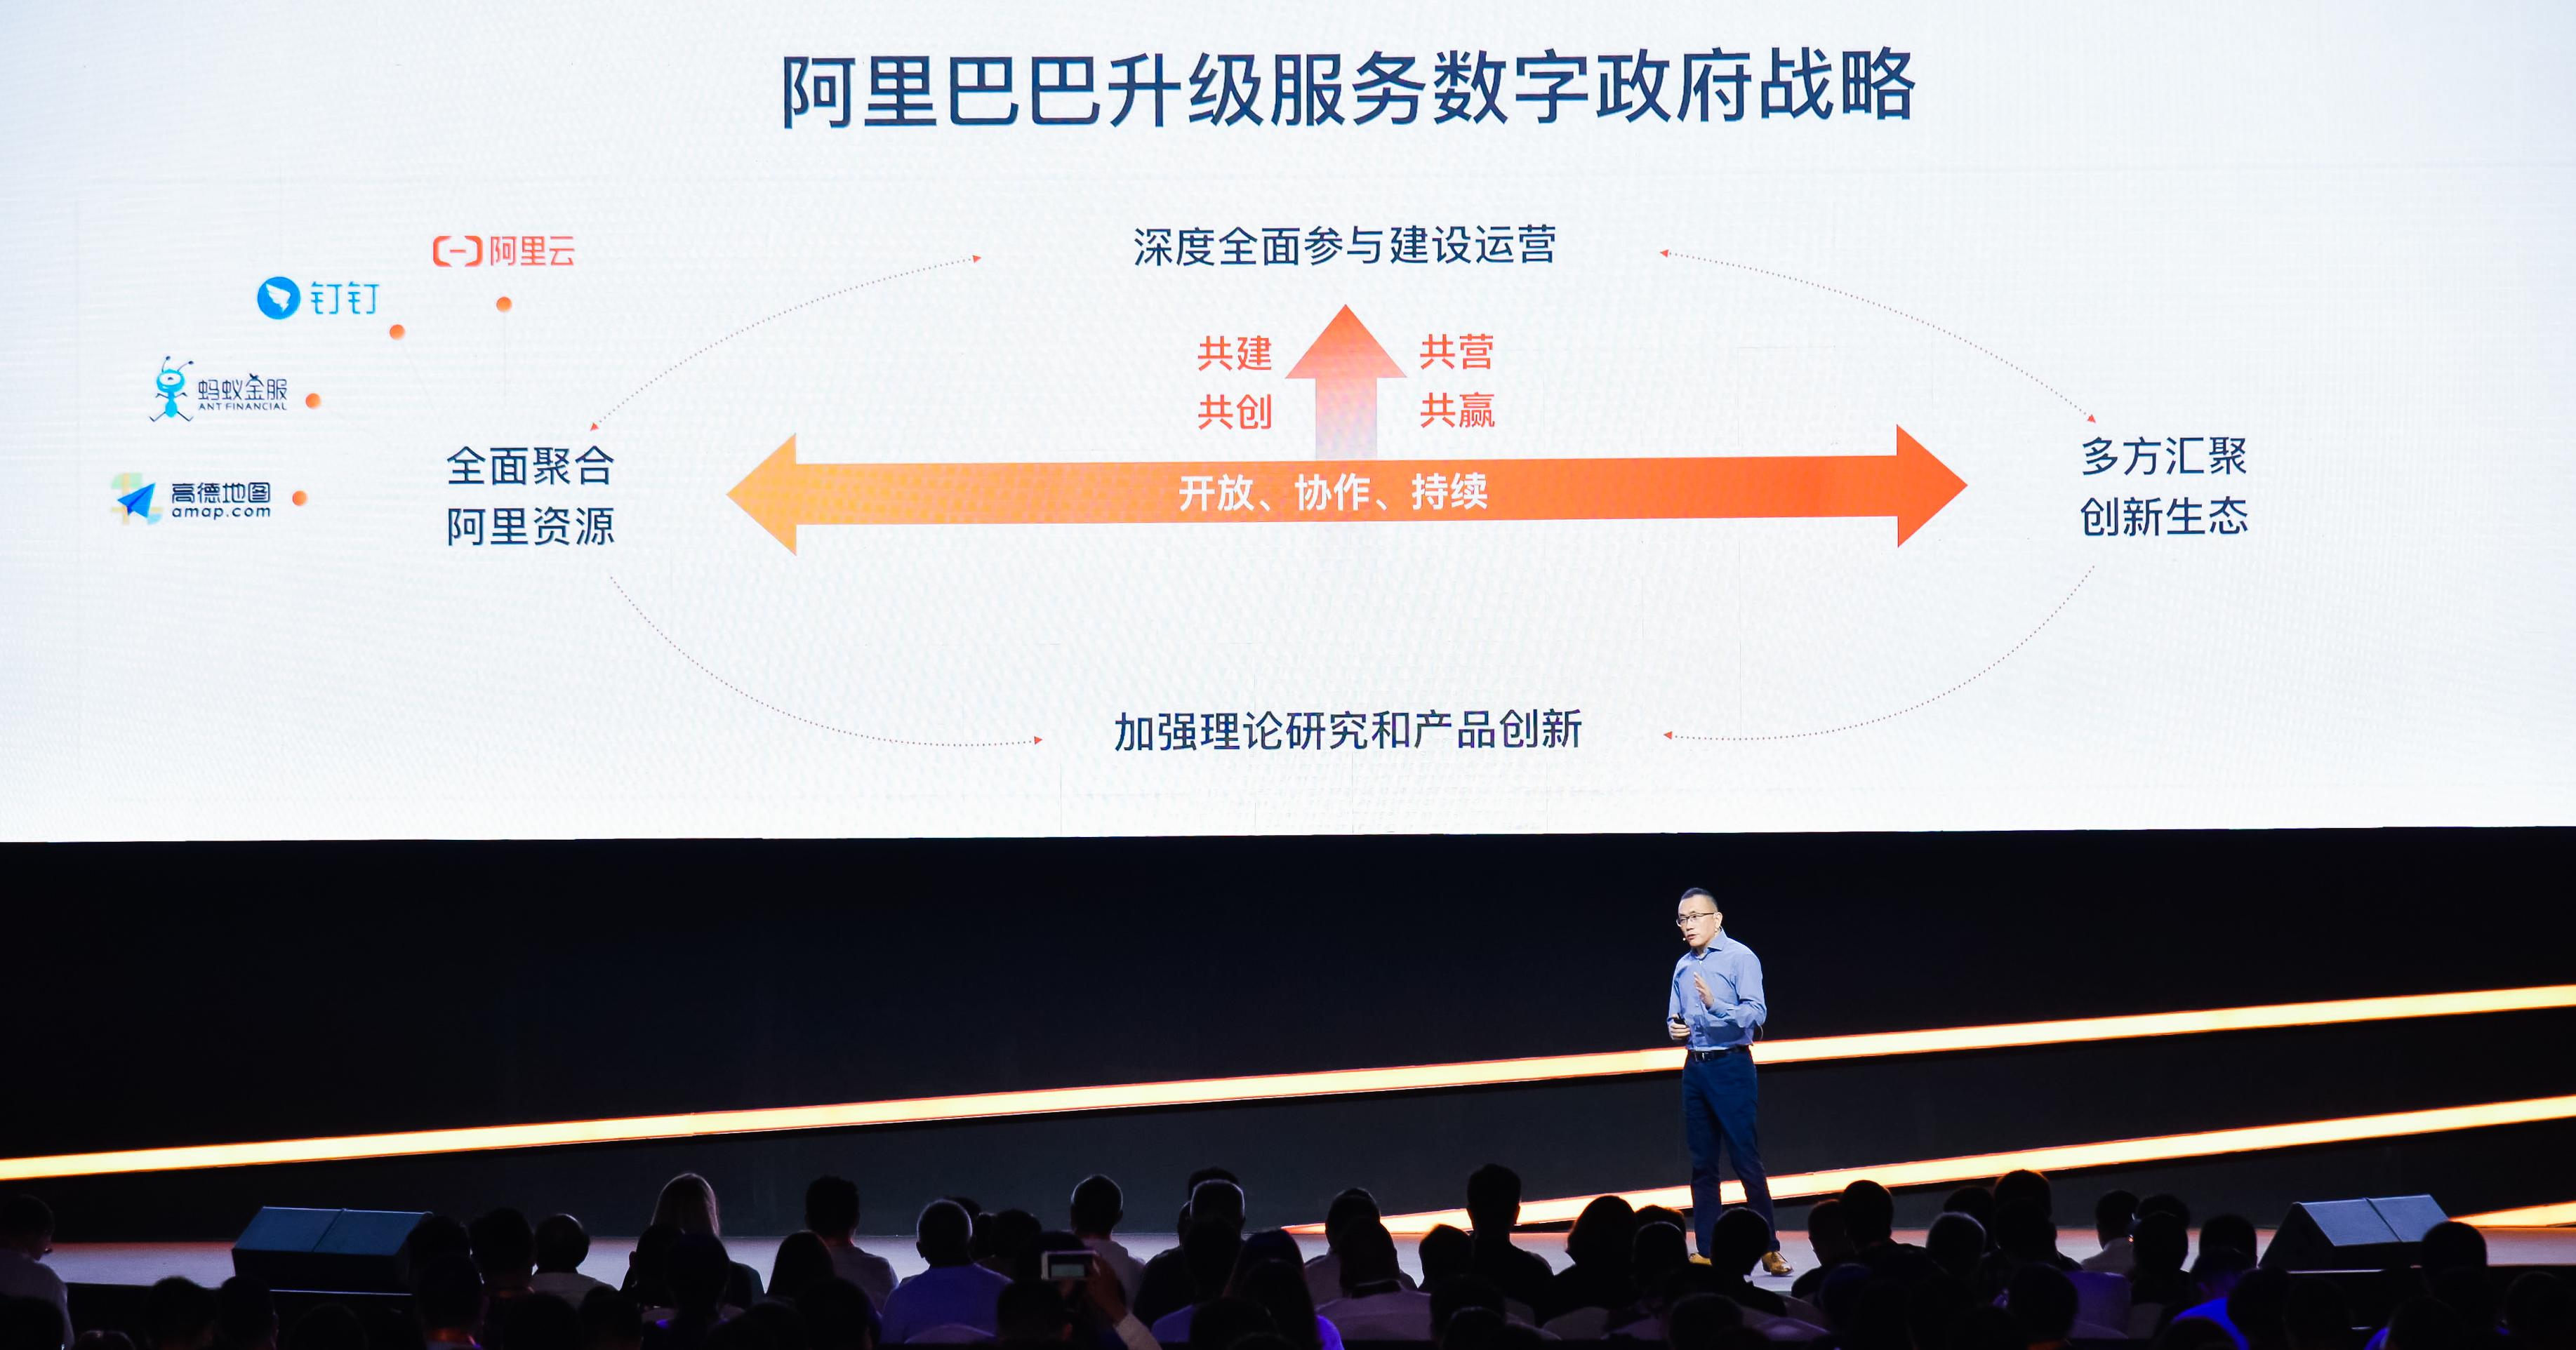 7月25日在阿里云峰会·上海站上,阿里巴巴宣布升级服务数字政府战略.jpg